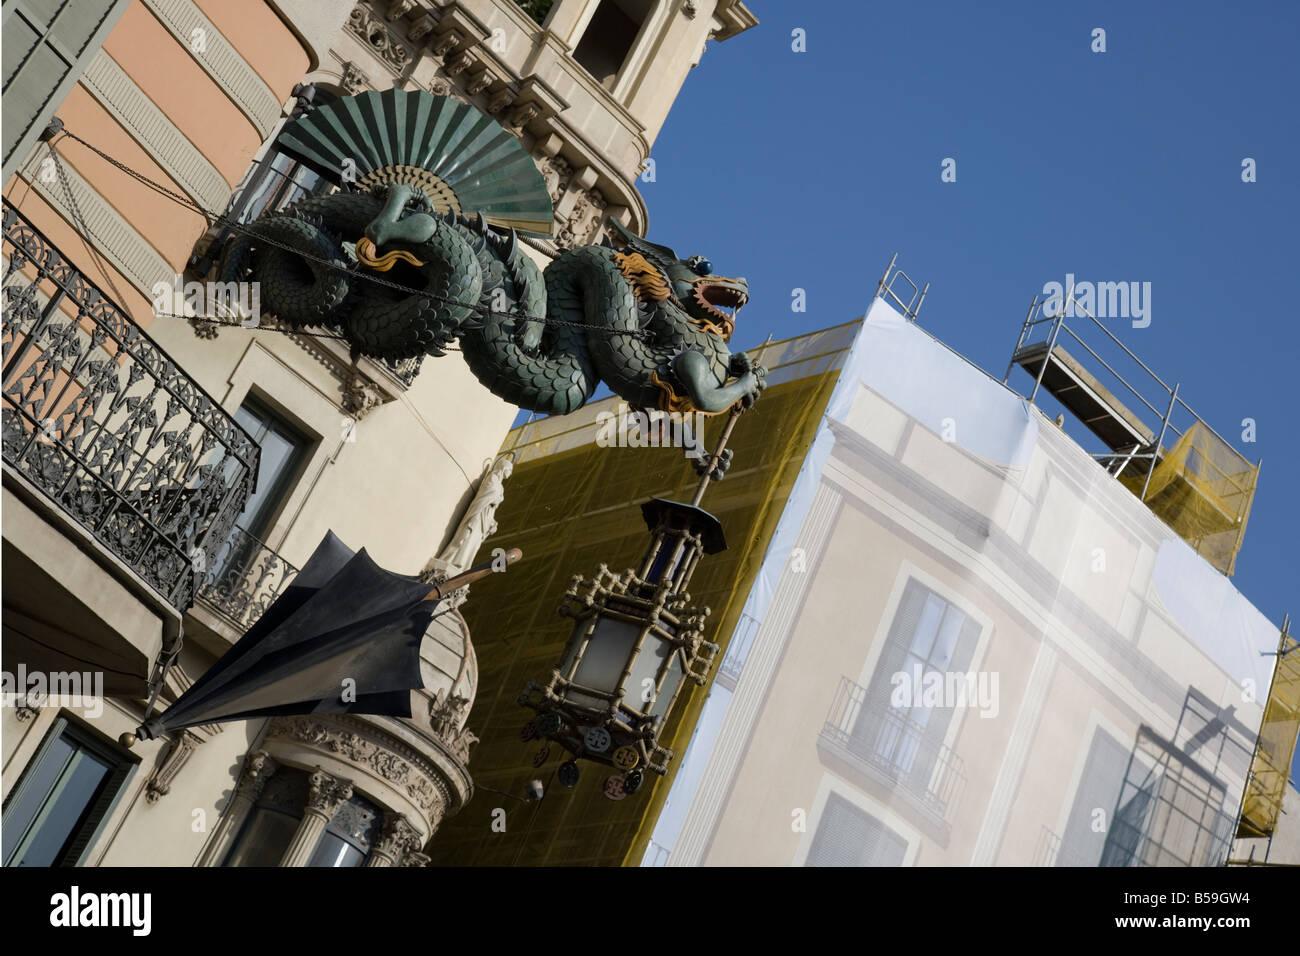 L'ombrello edificio su Las Ramblas, Barcelona, Spagna Immagini Stock